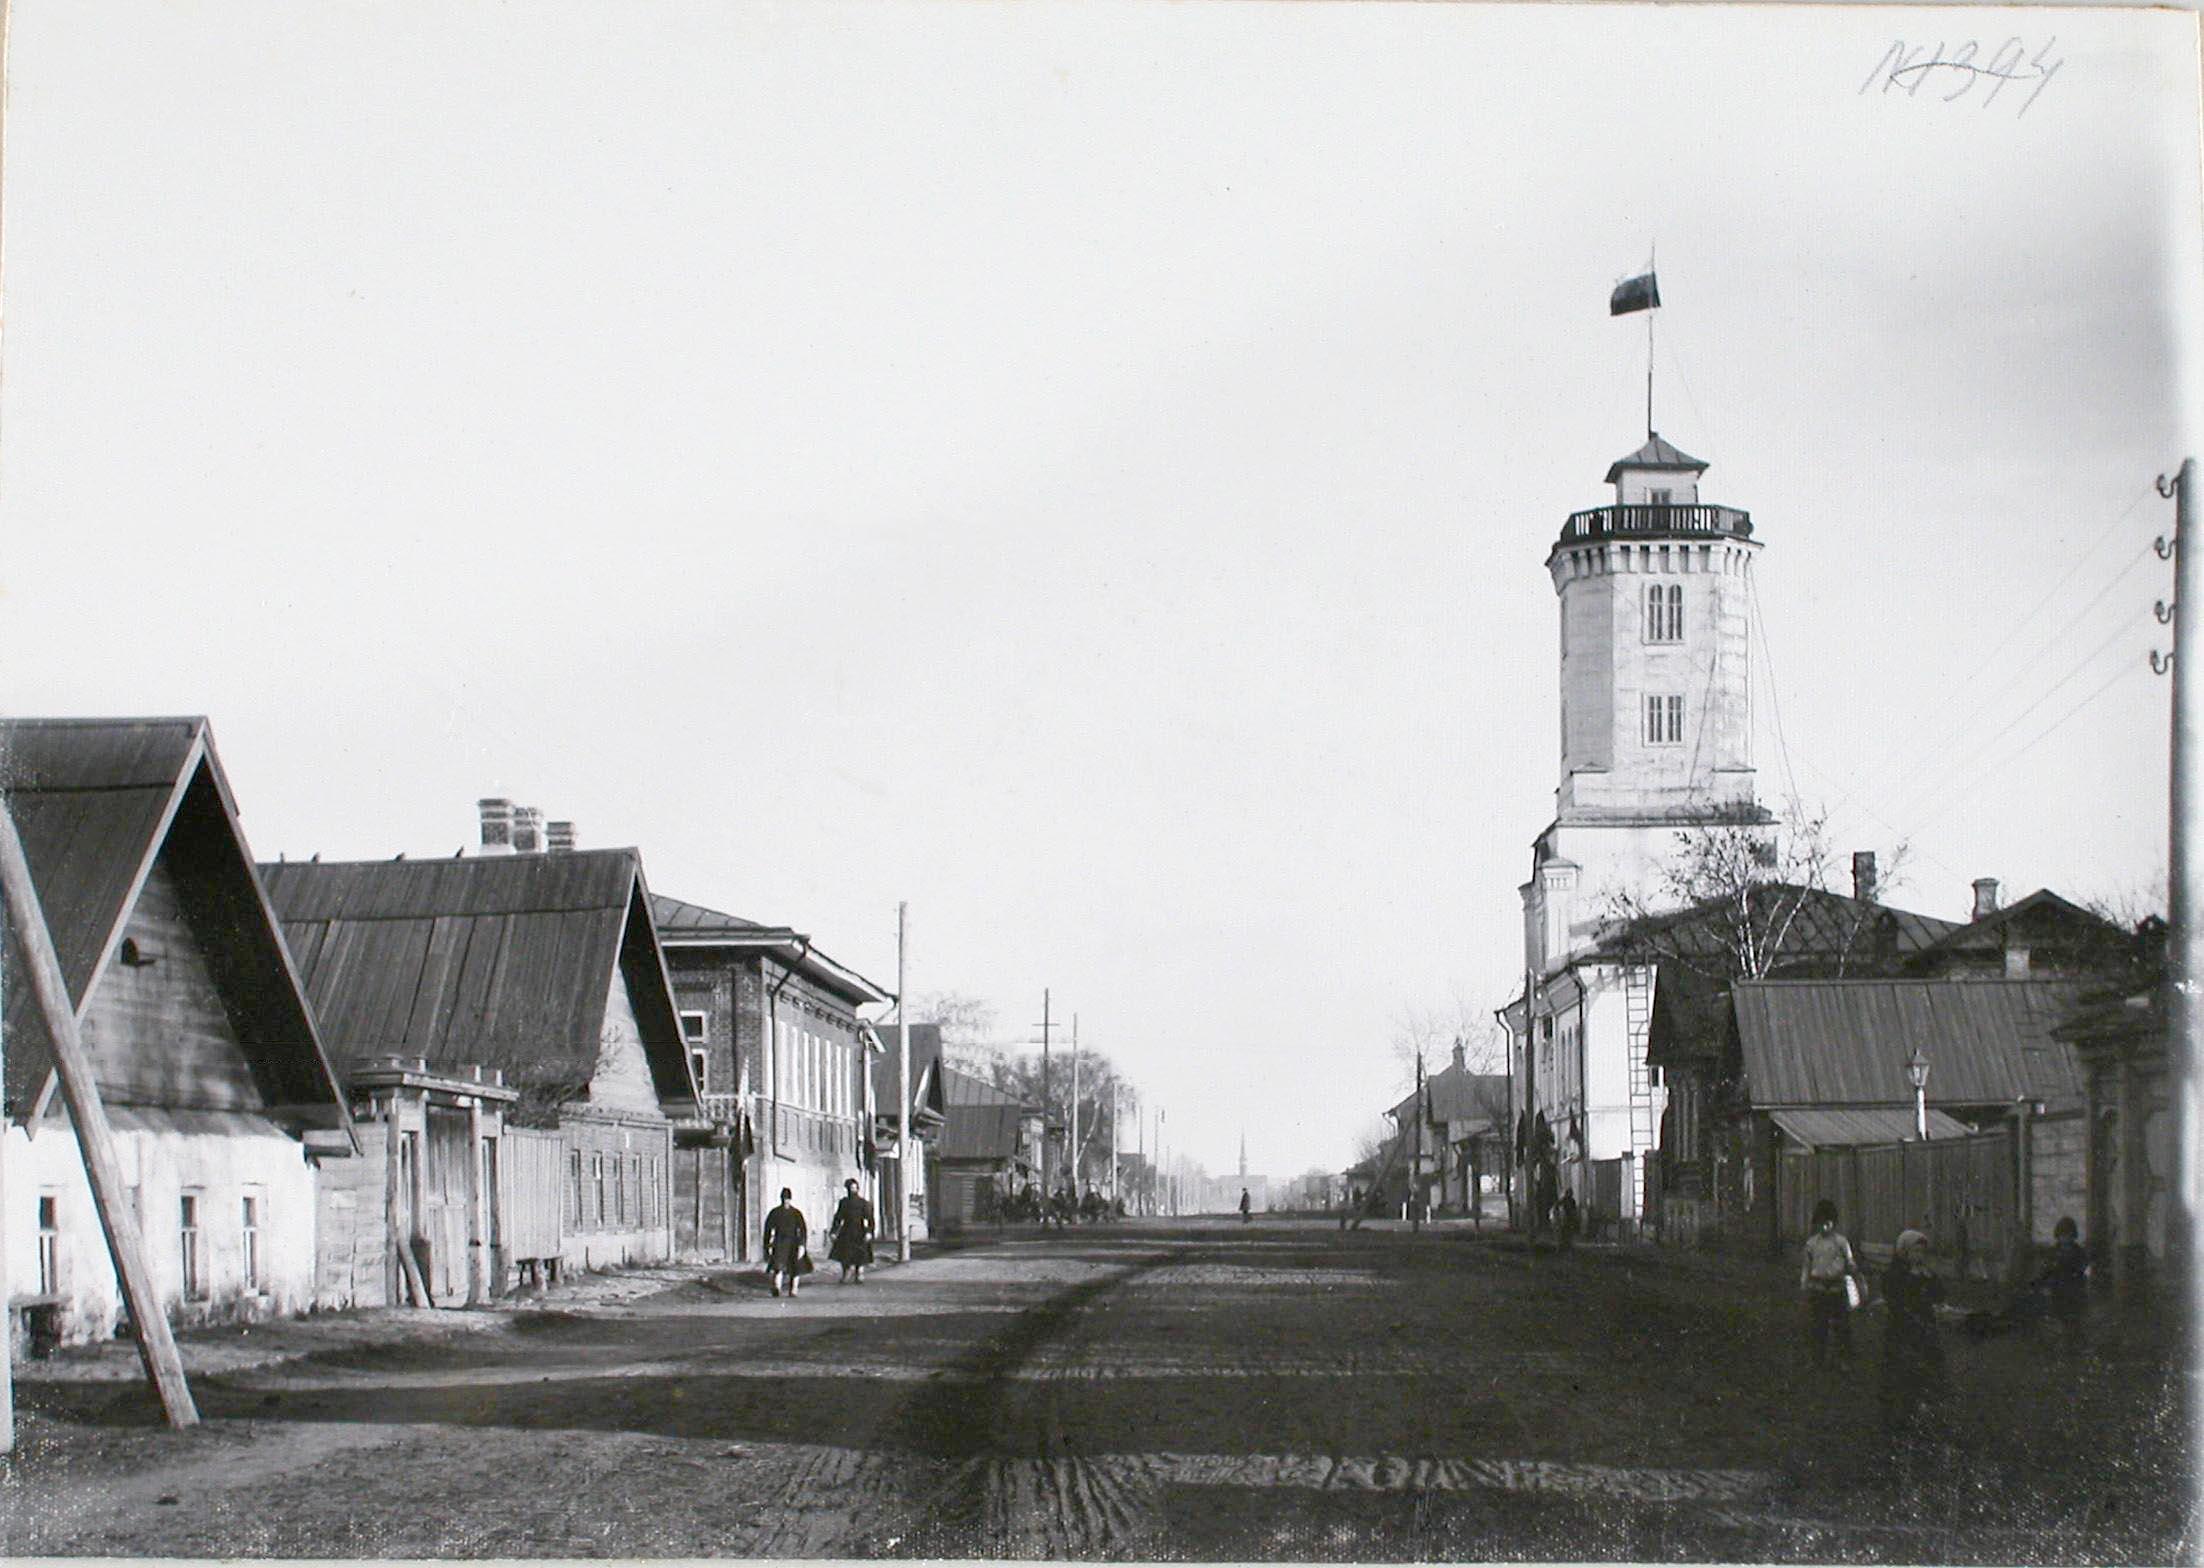 Вид жилых домов на одной из улиц город, справа - пожарная каланча